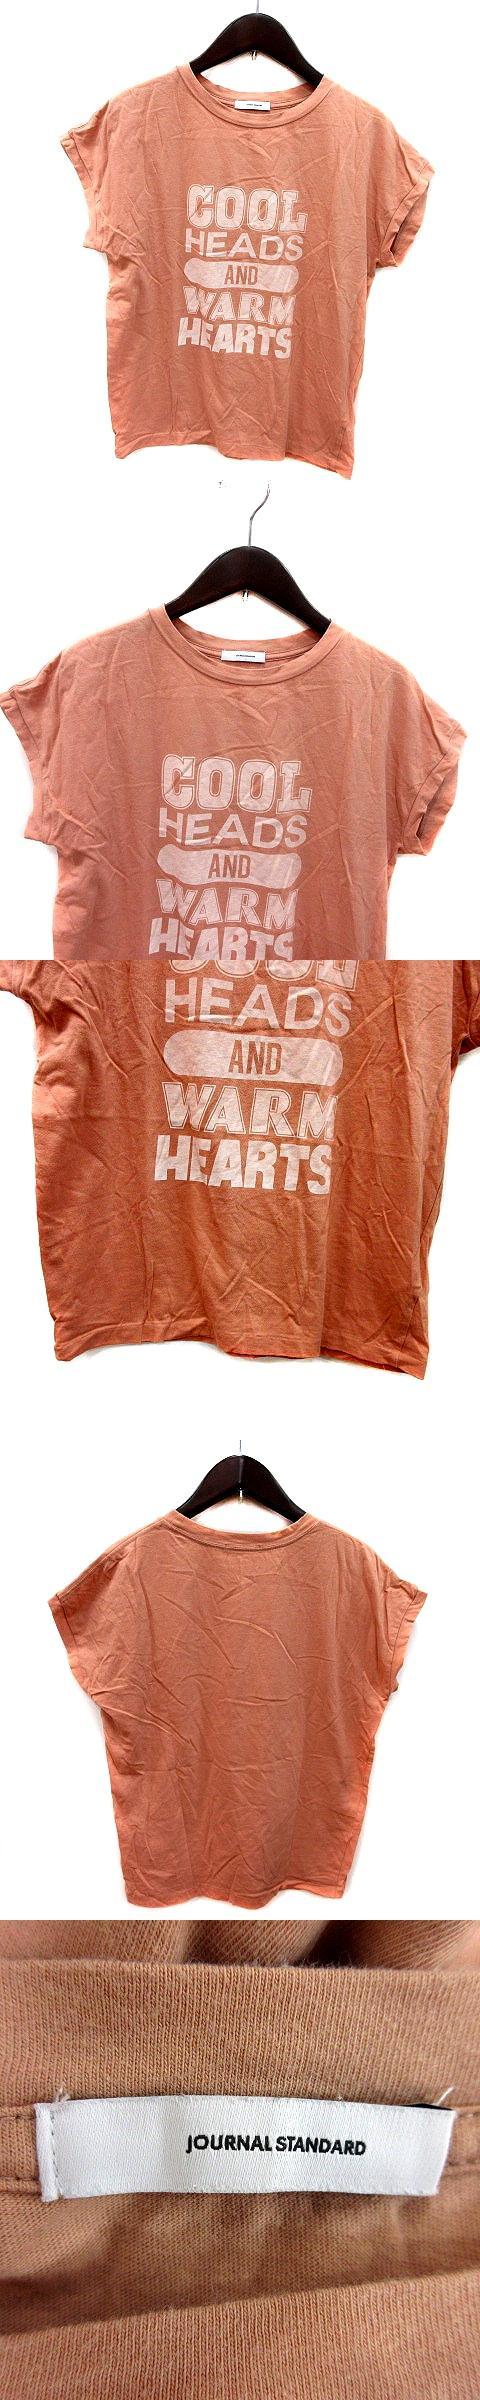 Tシャツ カットソー クルーネック プリント フレンチスリーブ 半袖 オレンジベージュ /MS